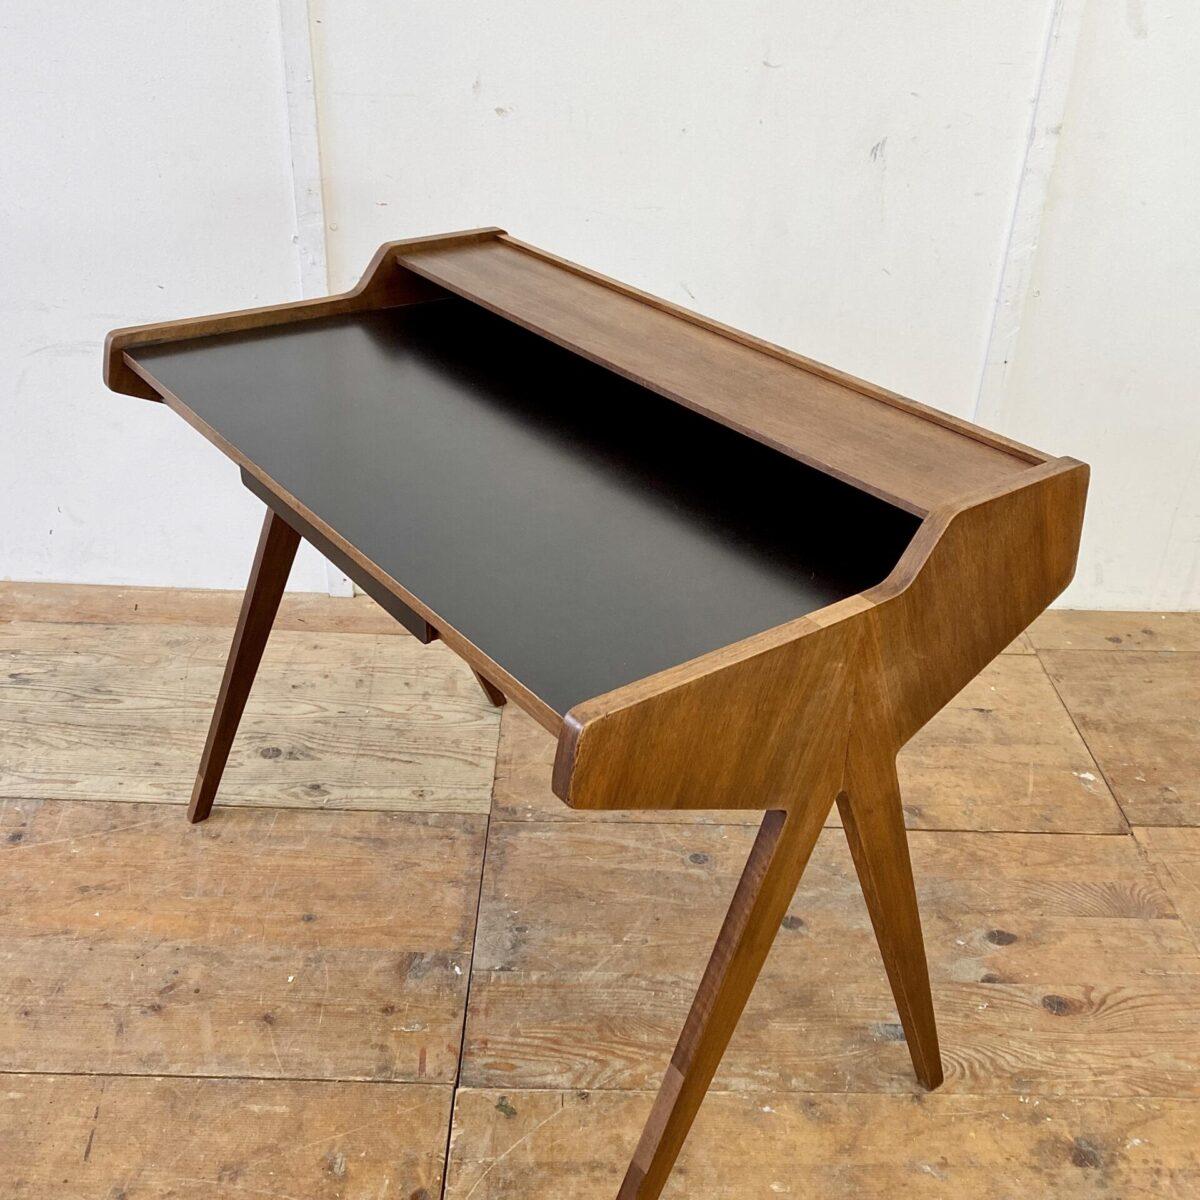 Vintage Nussbaum Schreibtisch. 105x60cm Tischhöhe 75cm. Die Tischfläche und die Schubladen Front ist mit schwarzem Kunstharz (Kelko) Beschichtet. Diverse Furnier Ausbrüche frisch eingesetzt.